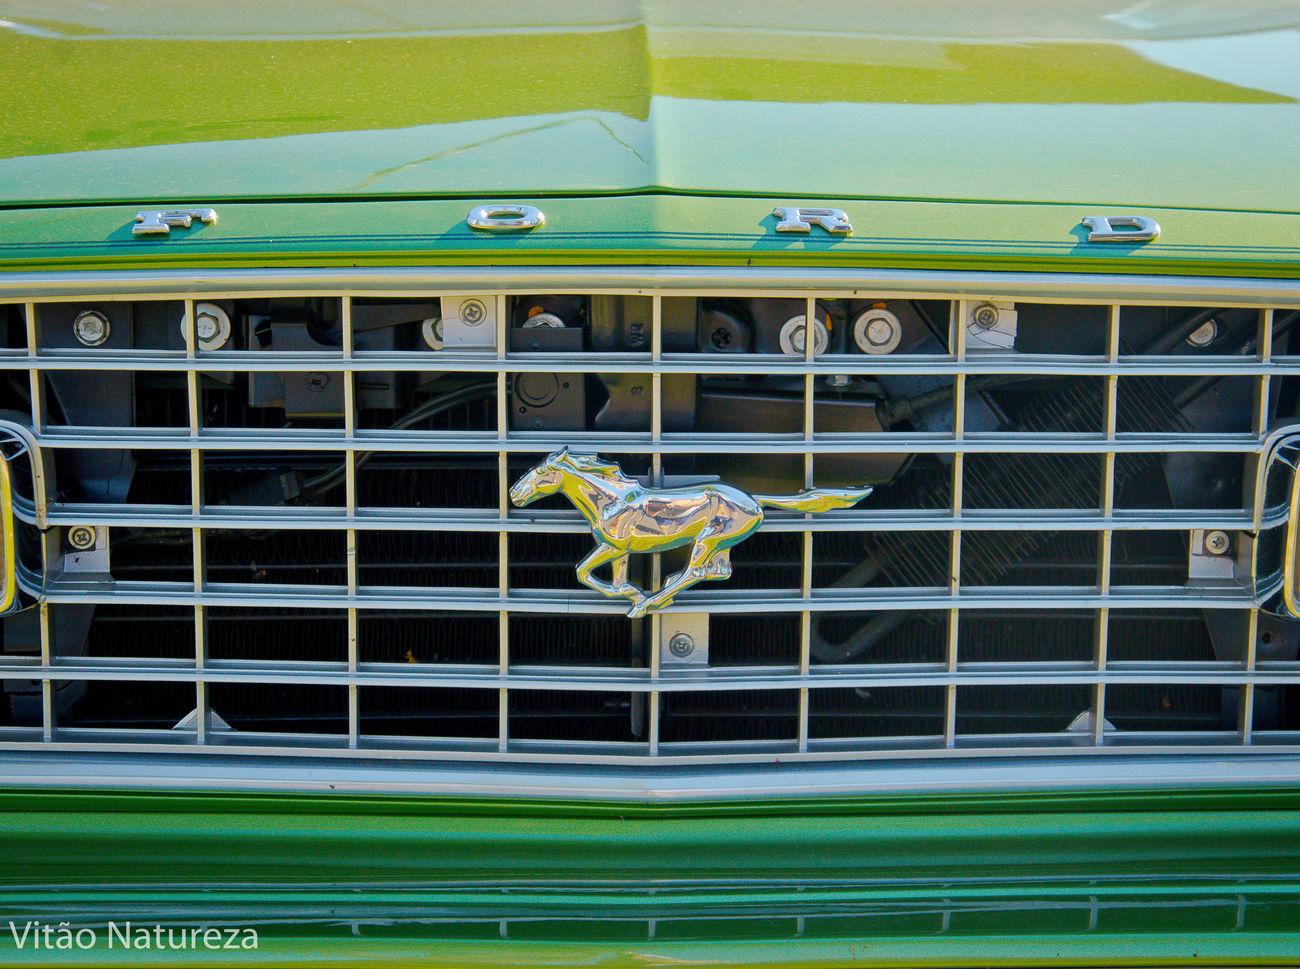 Brasil Photography Nikon Ford Documentary Photography Nikon D7000 Artphoto Fotografia Oldcars Coleção Nikonphotography Antiguidade Carros_antigos_br Carrosantigos Fotografiaéarte Victornatureza Vitaonatureza Olharnatural Fotodocumental Fotografiaautoral Artefotografia Antigomobilismo Mustang